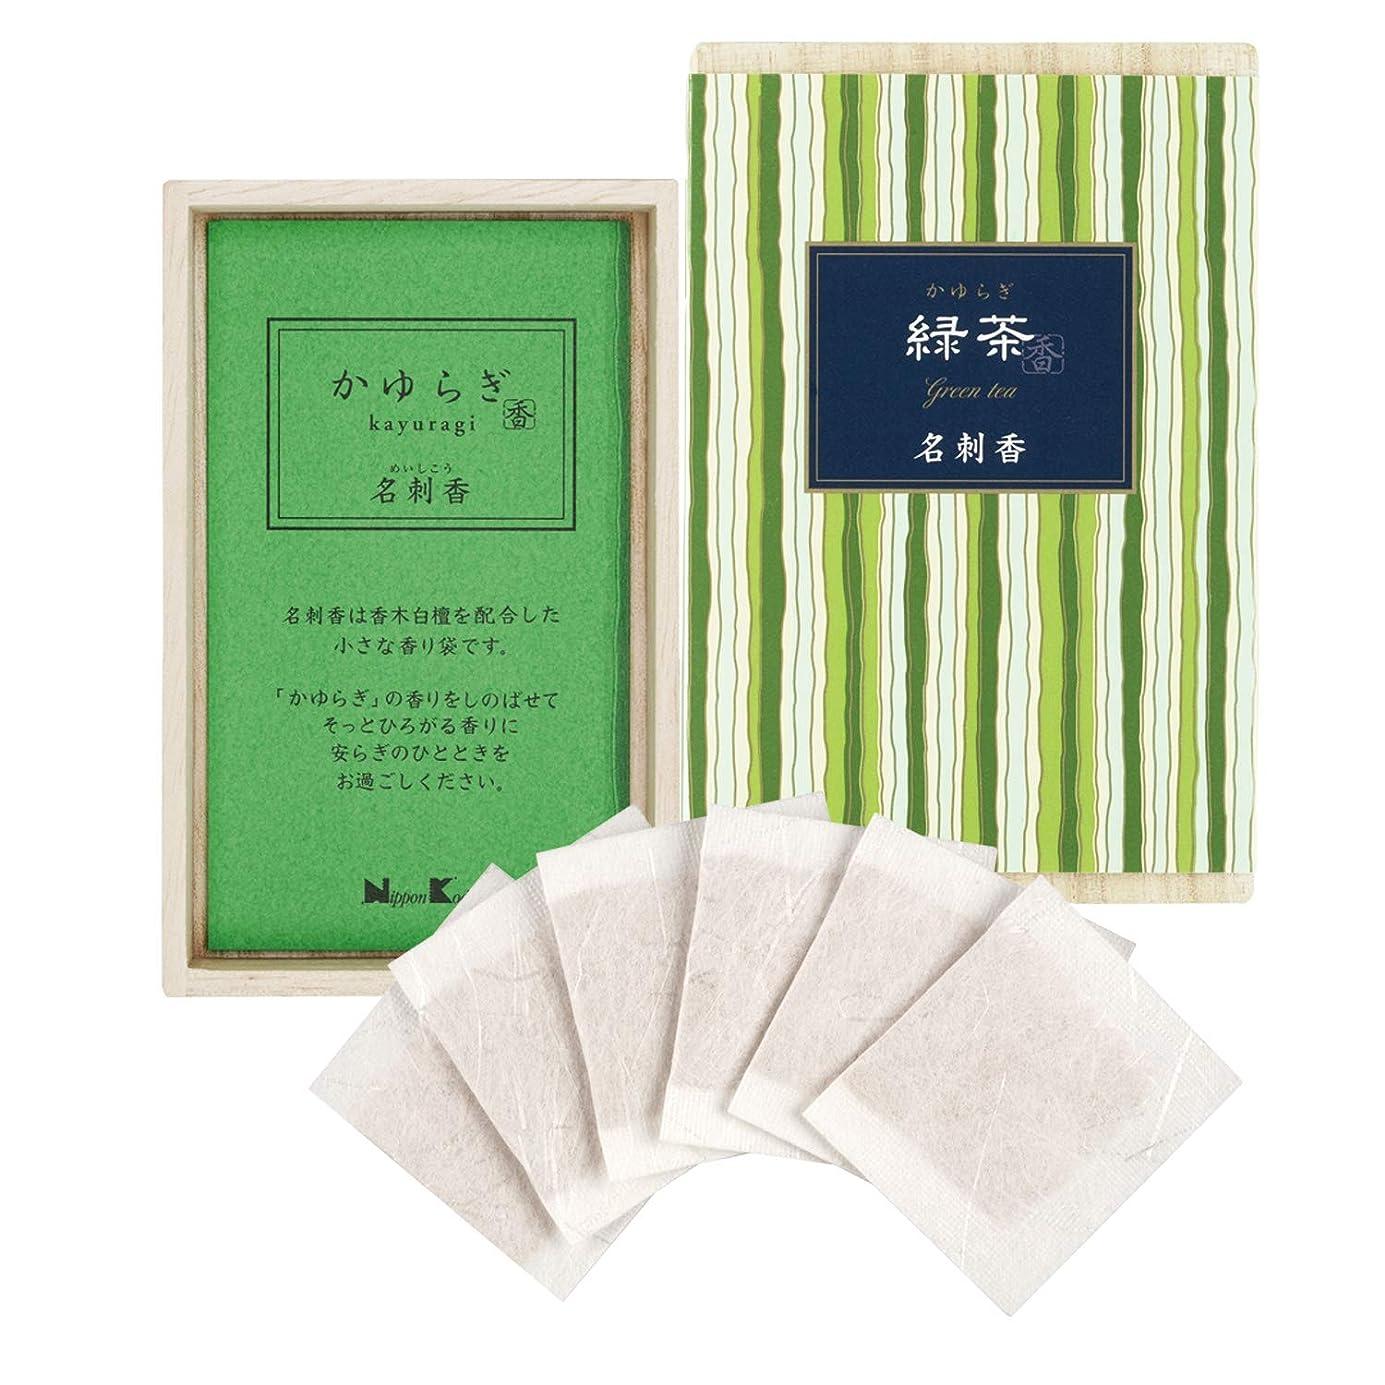 ホーム強化村かゆらぎ 緑茶 名刺香 桐箱 6入